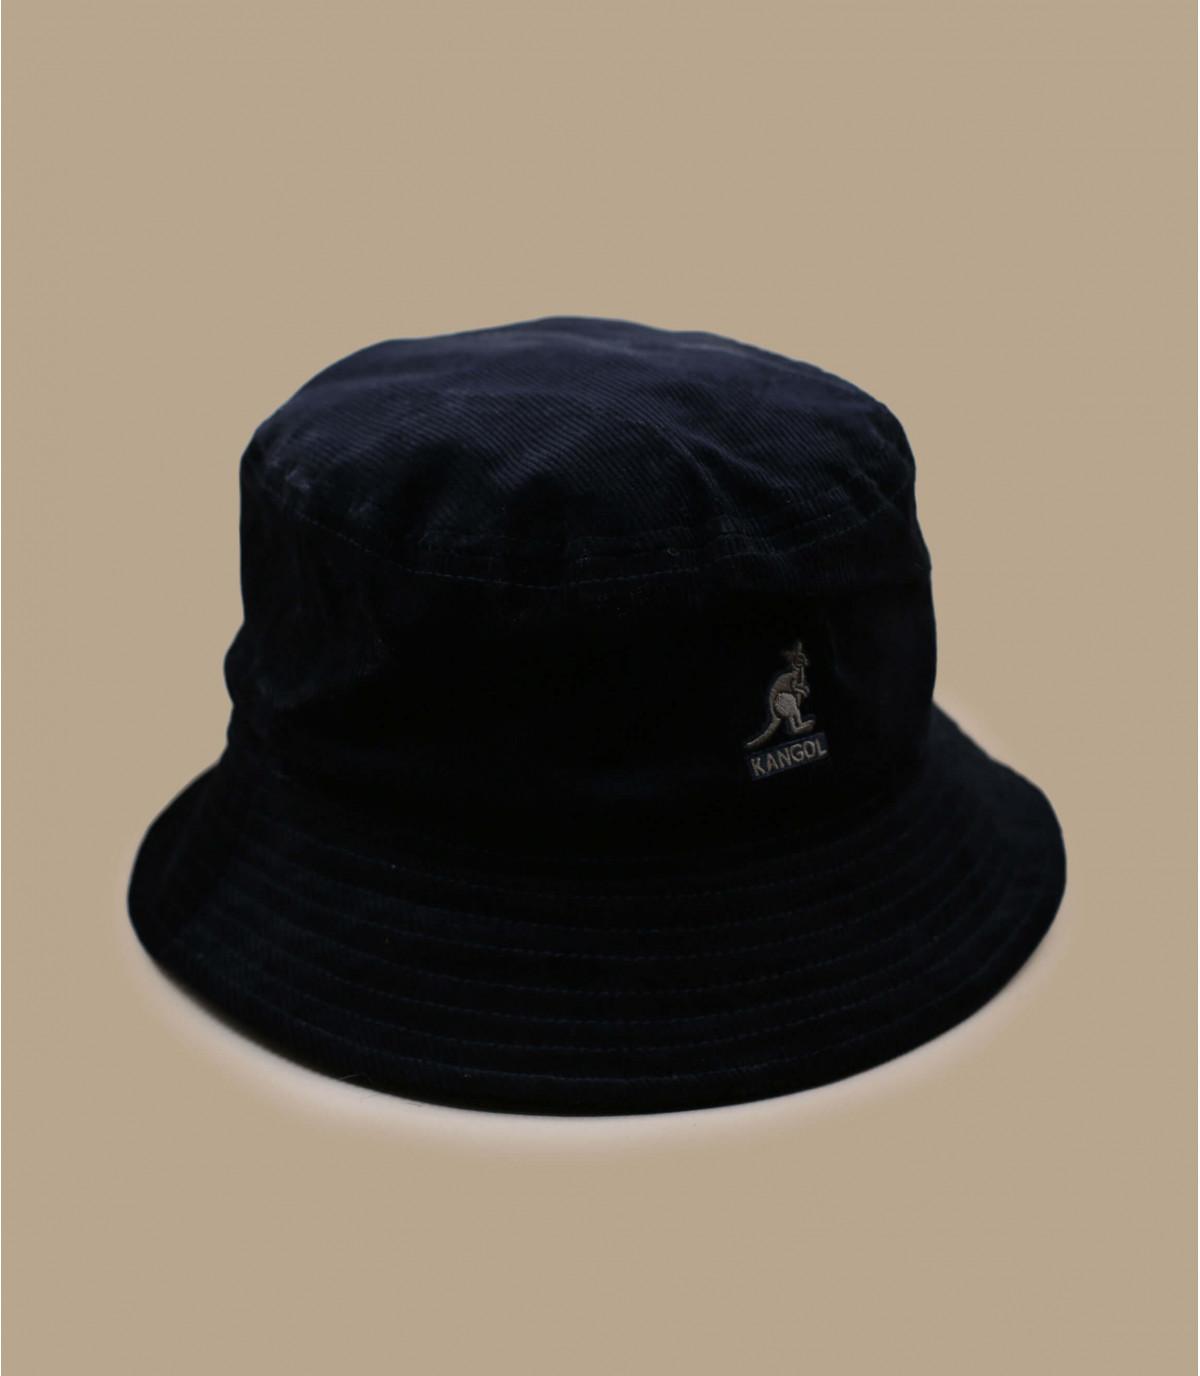 Black velvet bucket hat Kangol.